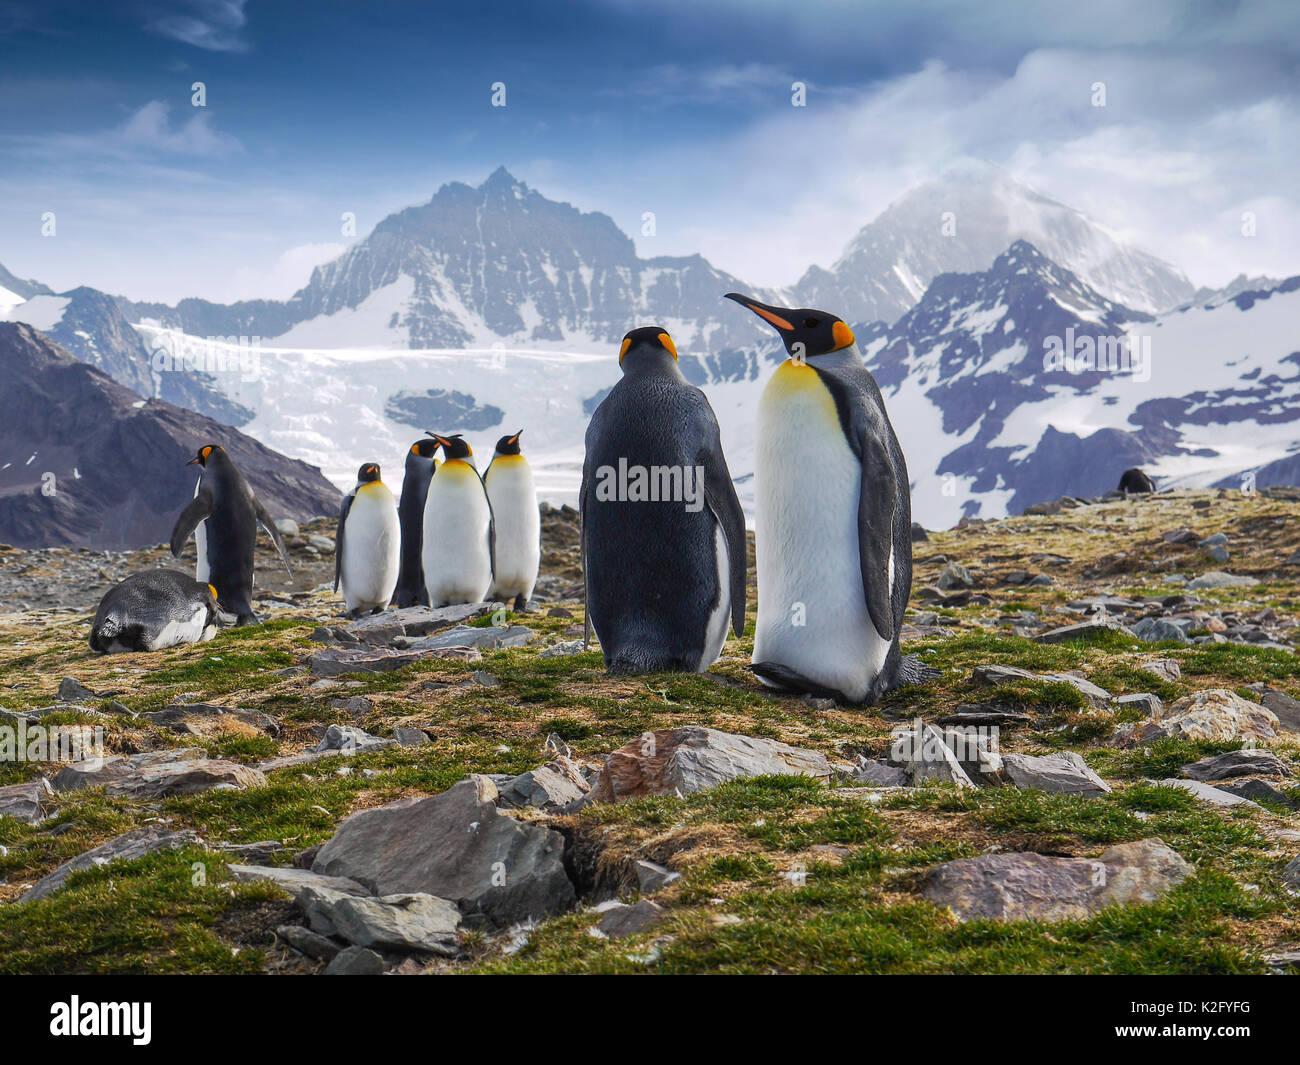 Low Angle View einer Gruppe von König Pinguine stehen vor dramatischen schneebedeckten Berge auf Südgeorgien Insel im Südatlantik. Stockbild